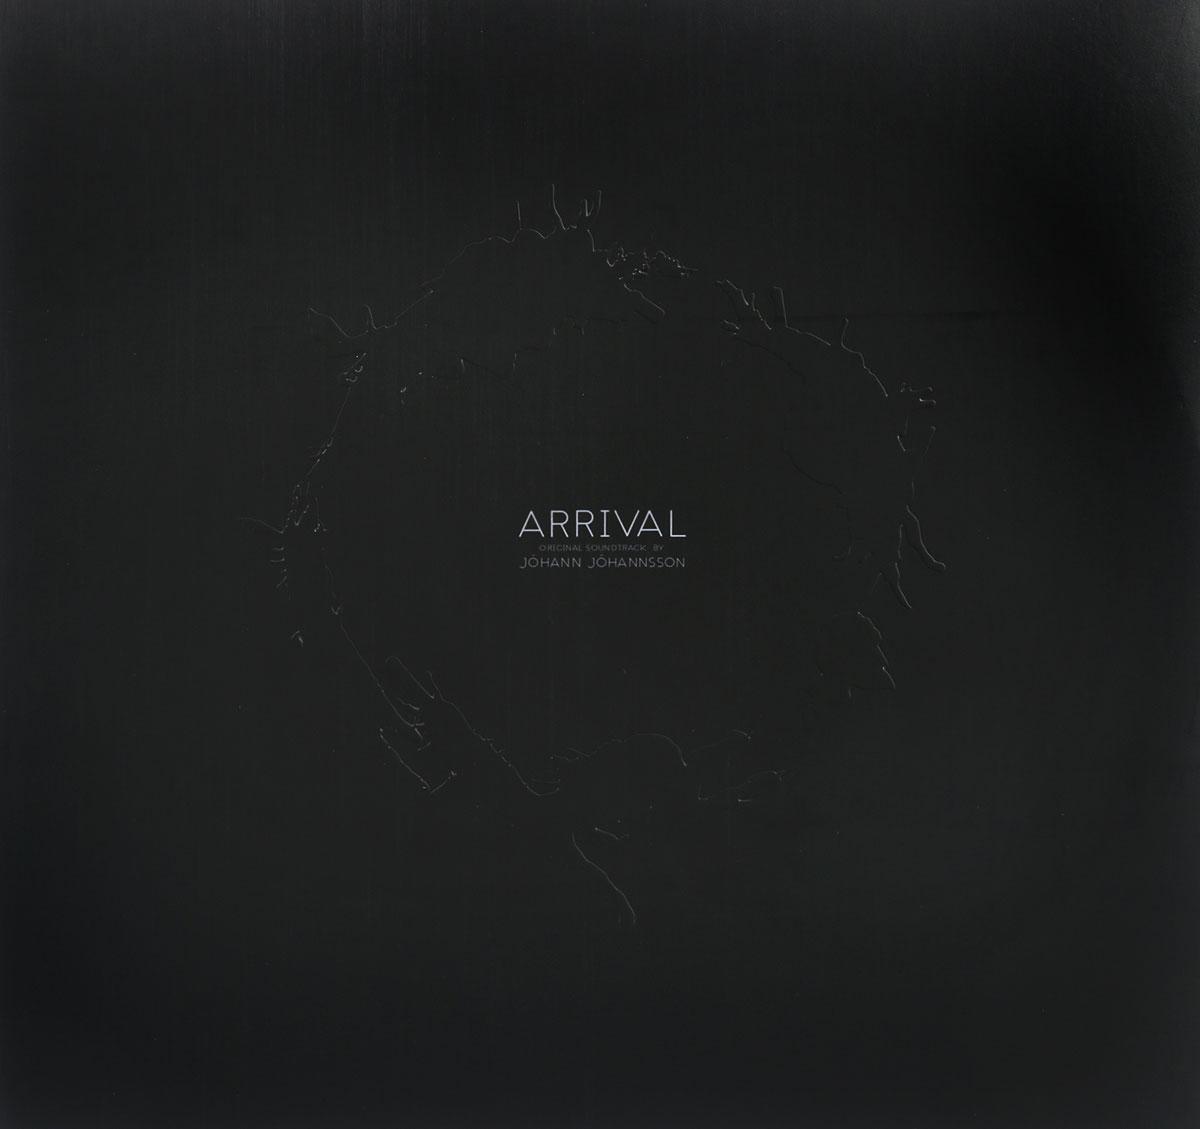 Йоханн Йоханнсон Arrival. Original Soundtrack Johann Johannsson (2 LP) kill bill vol 2 original soundtrack lp